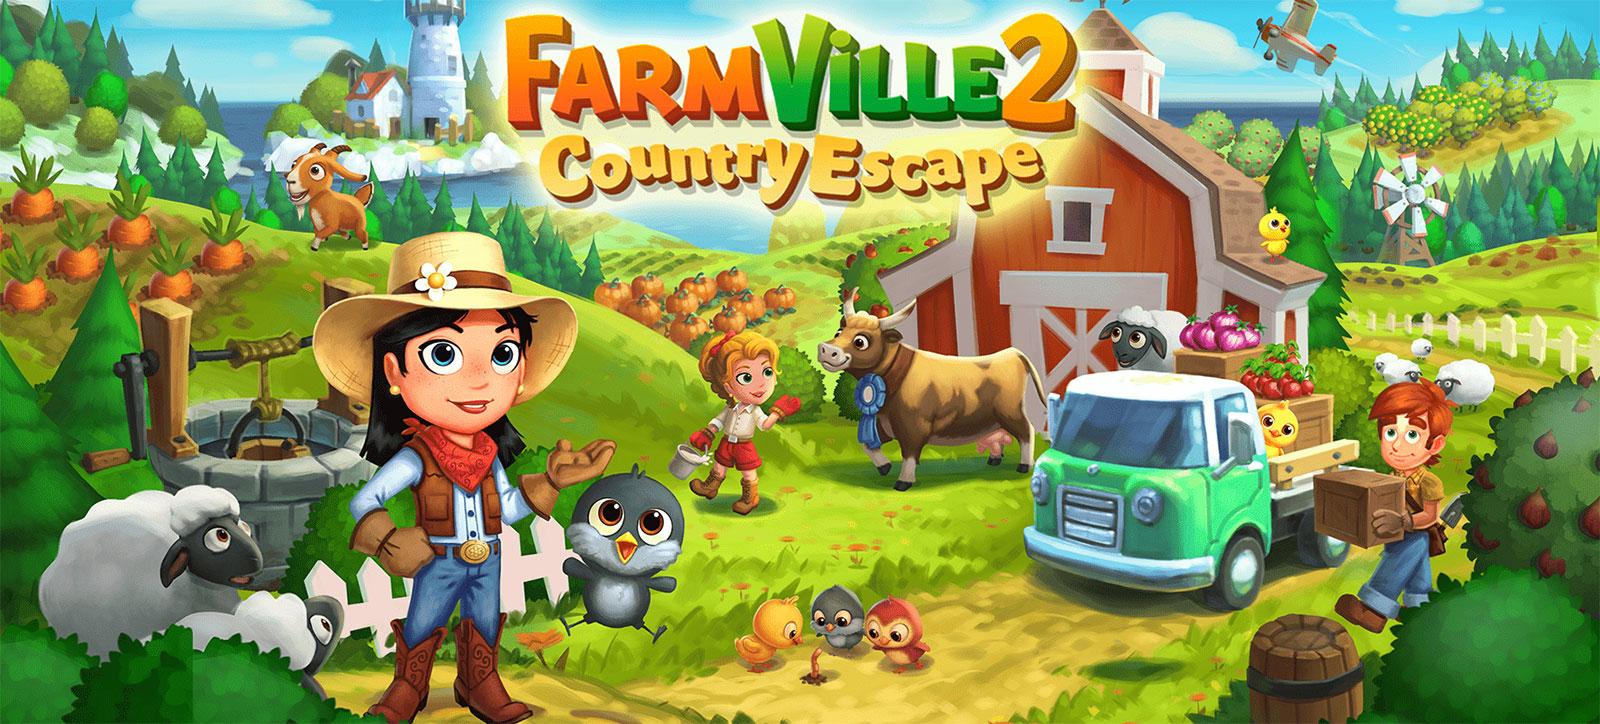 FarmVille 2 Mod Apk